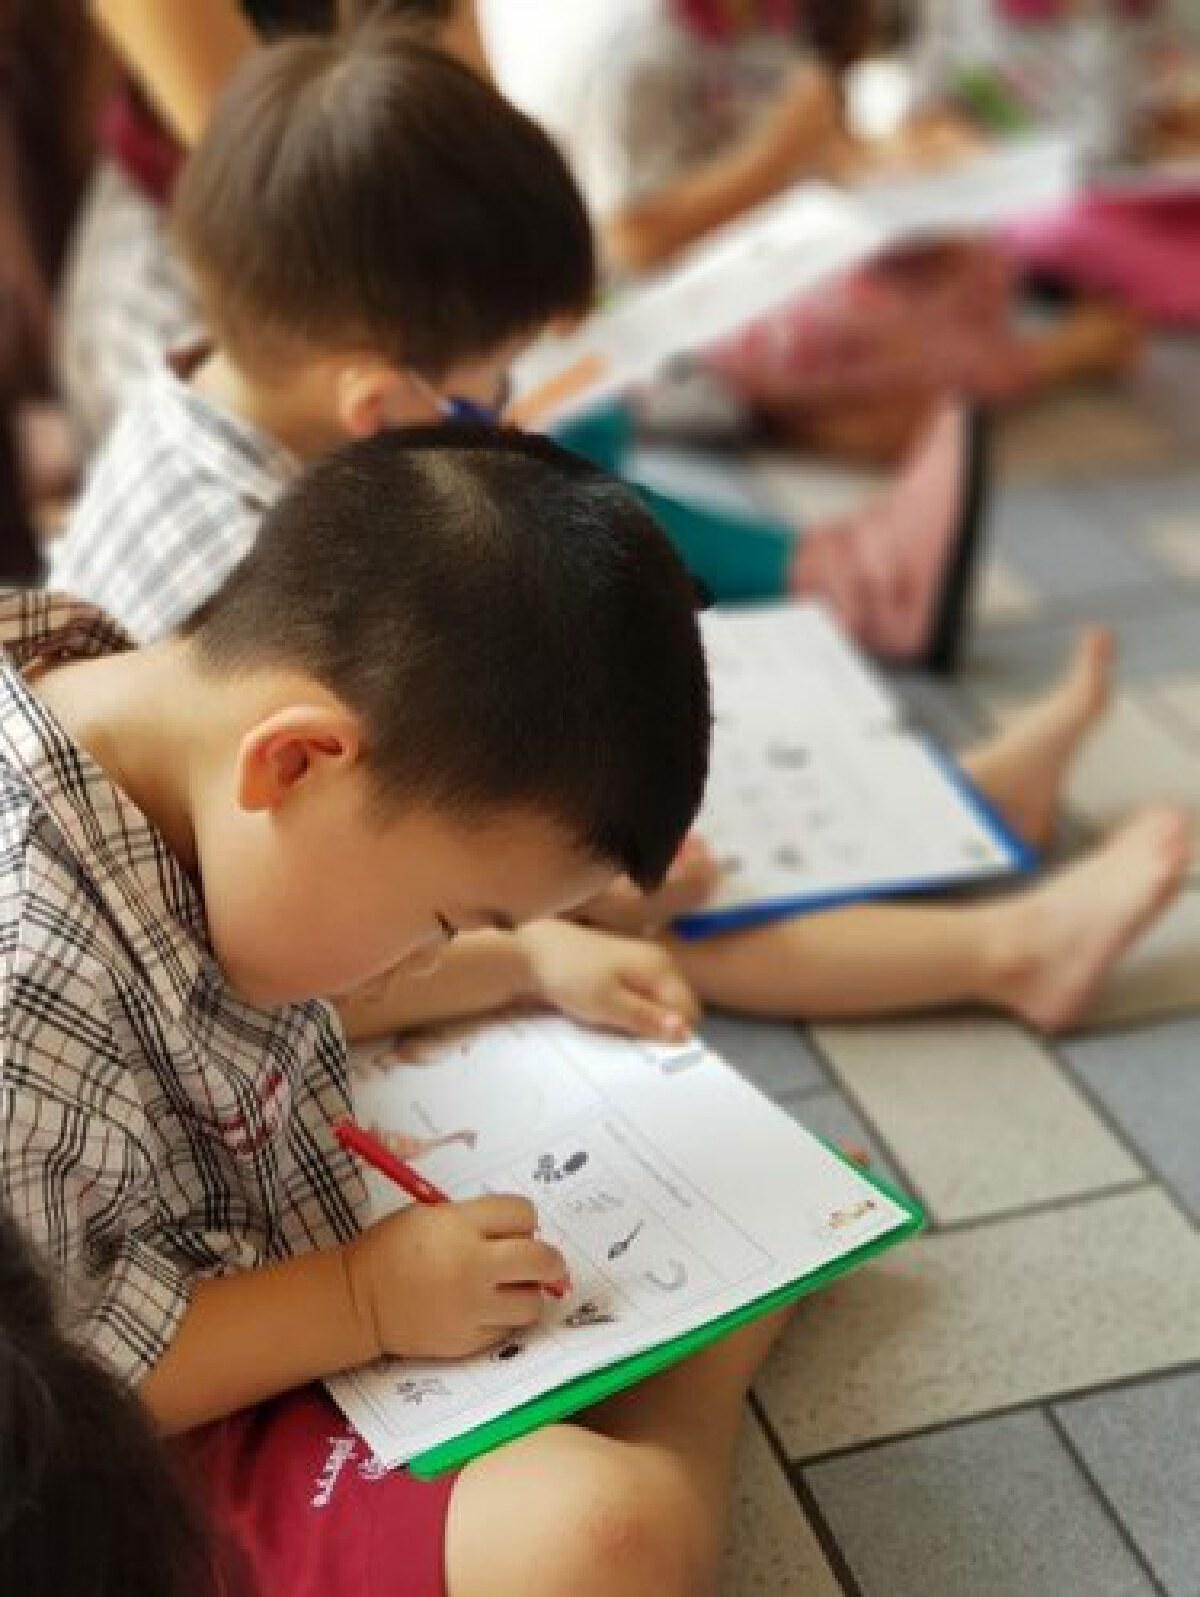 เตรียมเด็กปฐมวัยสู่ศตวรรษที่21เรียนสนุกมีความสุขเหมาะช่วงวัย